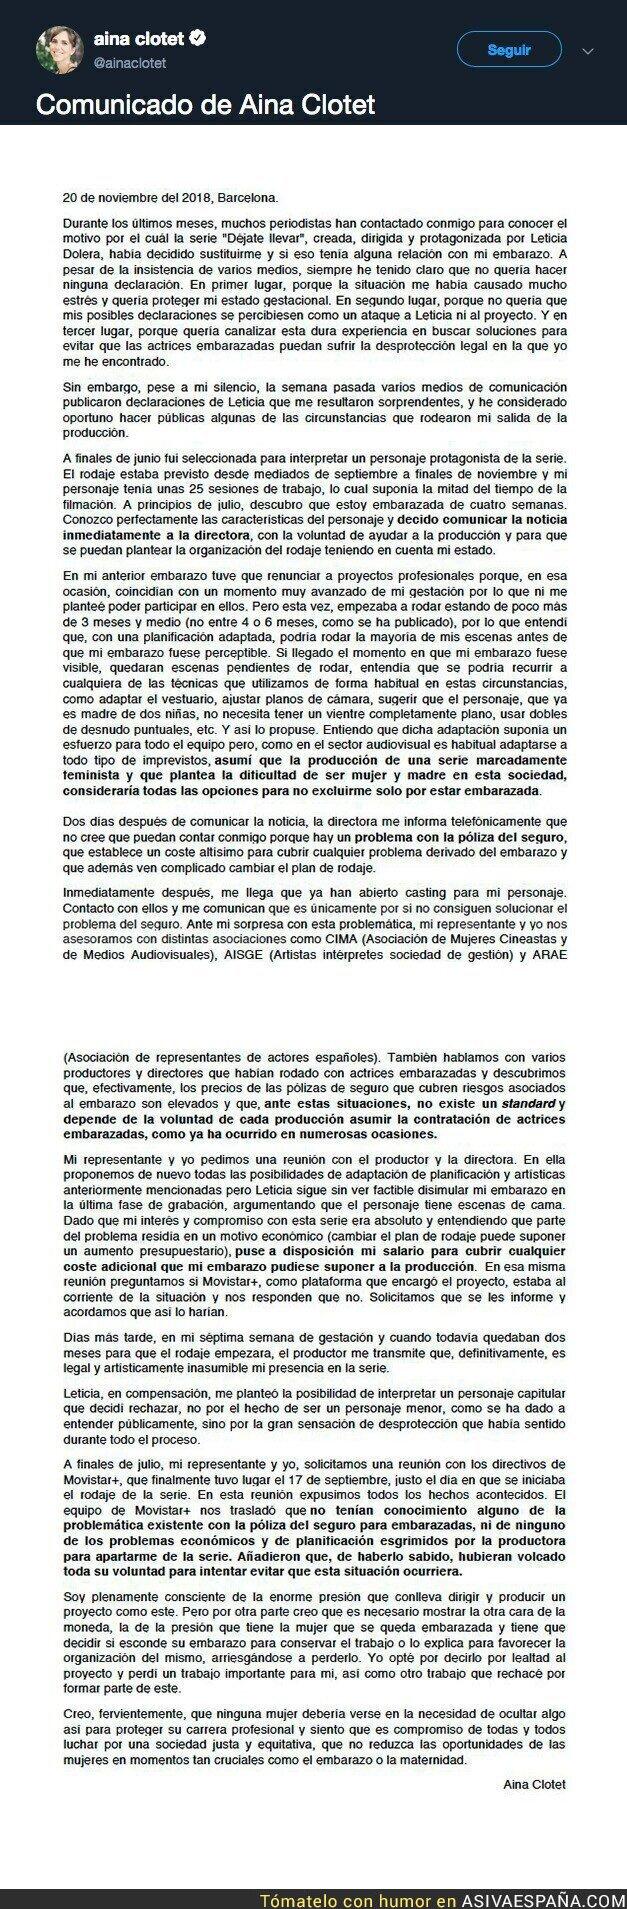 98425 - El comunicado de Aina Clotet en el que se rebela contra Leticia Dolera por echarla del trabajo al estar embarazada